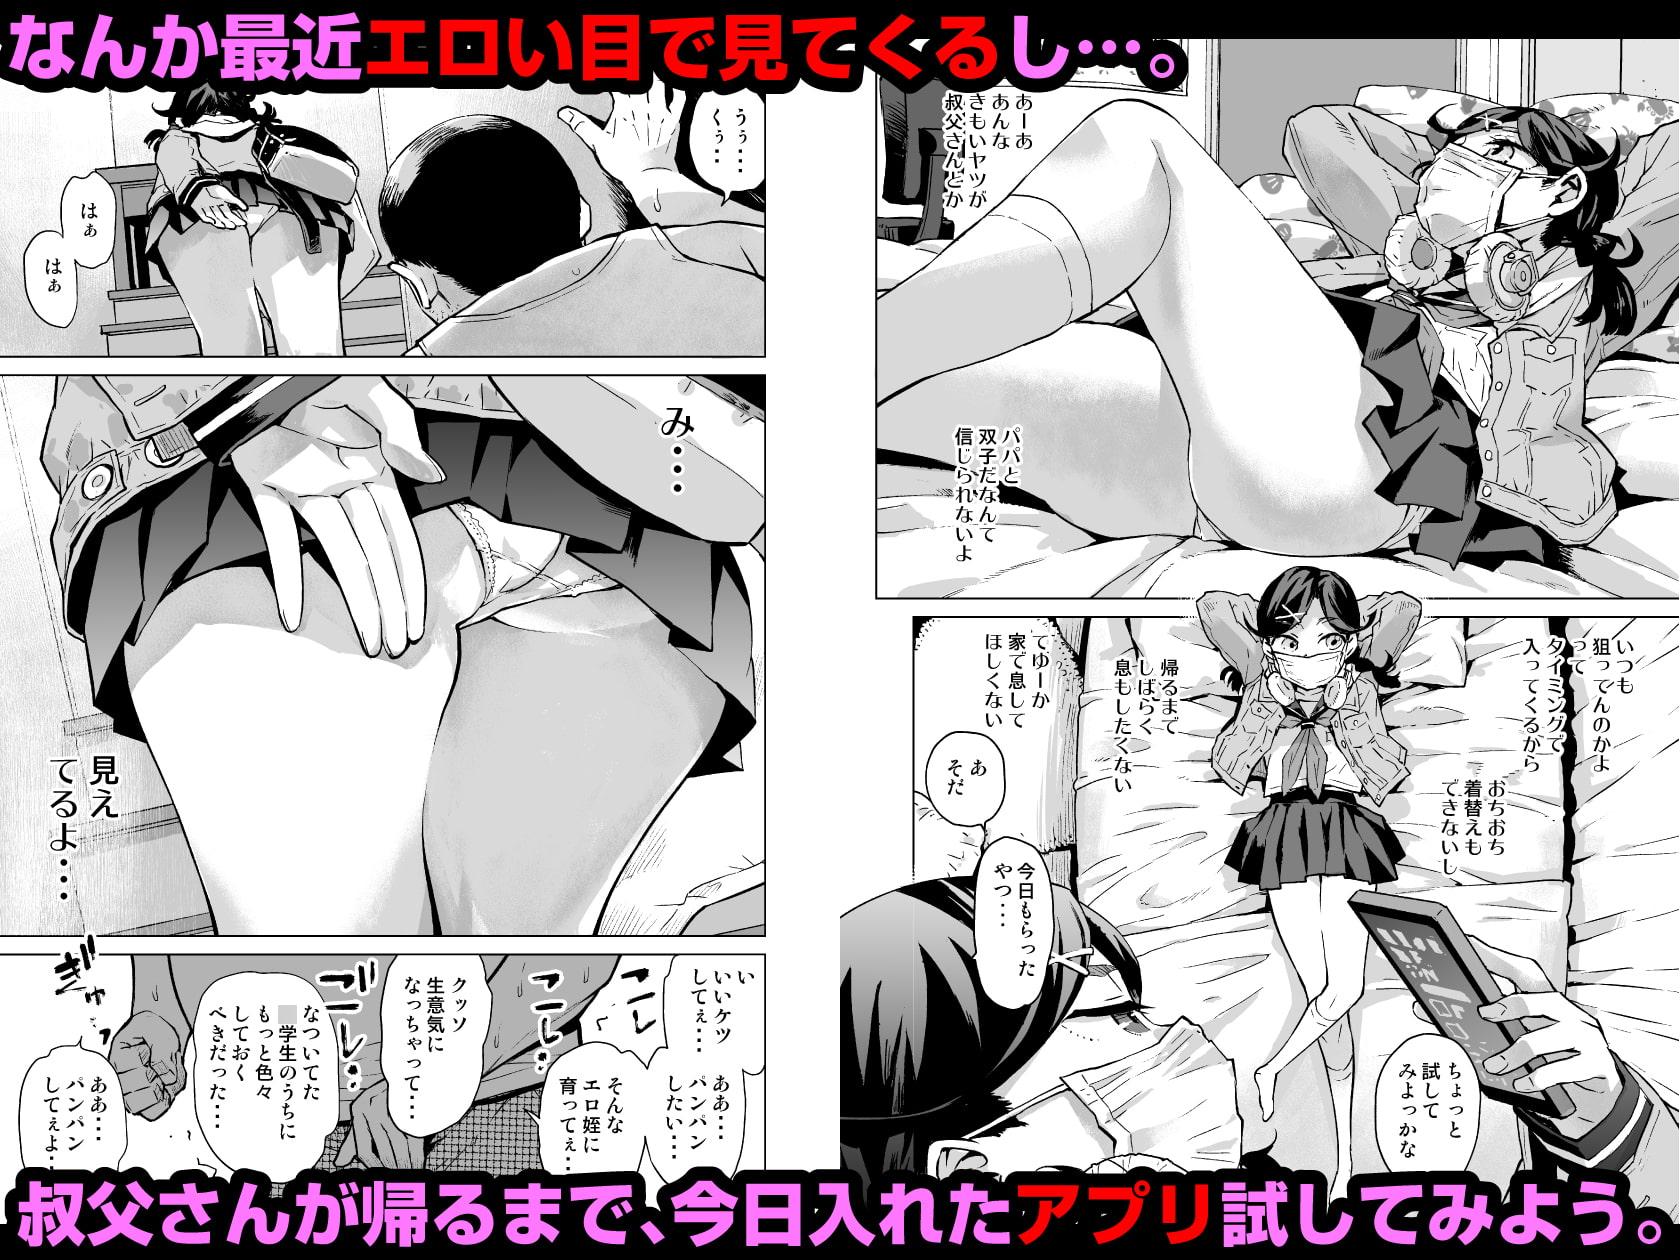 唯愛ちゃん夢アプリ睡姦のサンプル画像2